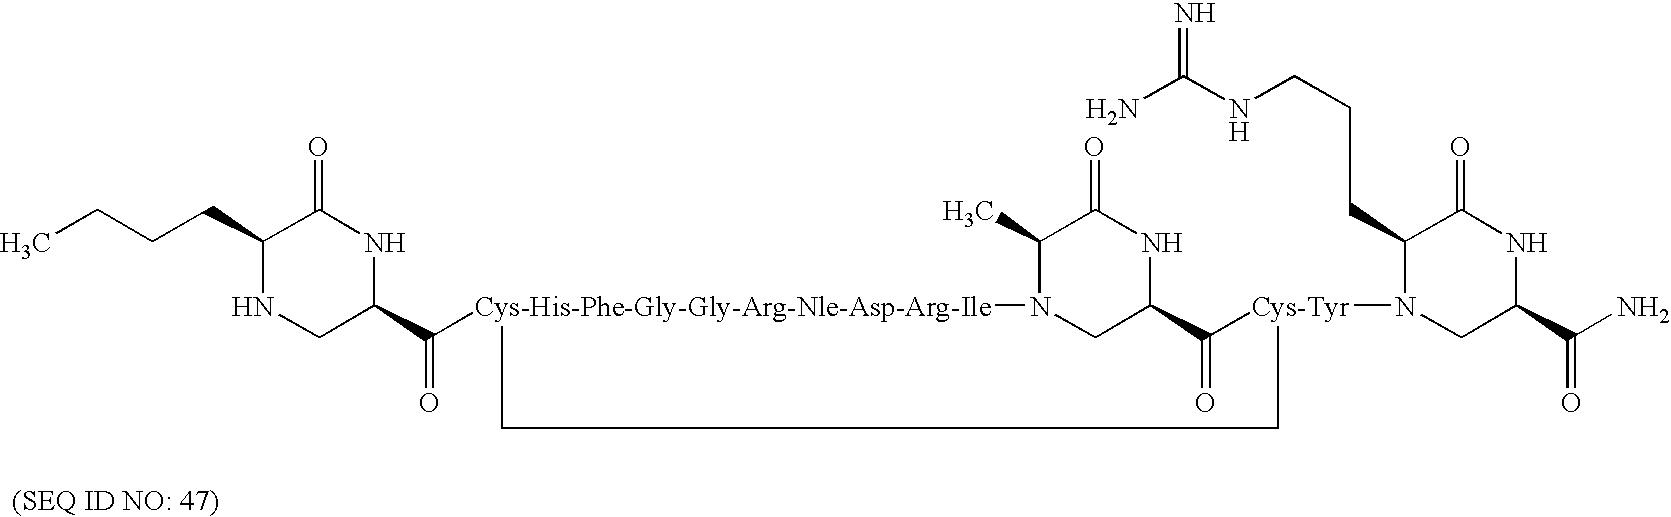 Figure US07622440-20091124-C00189